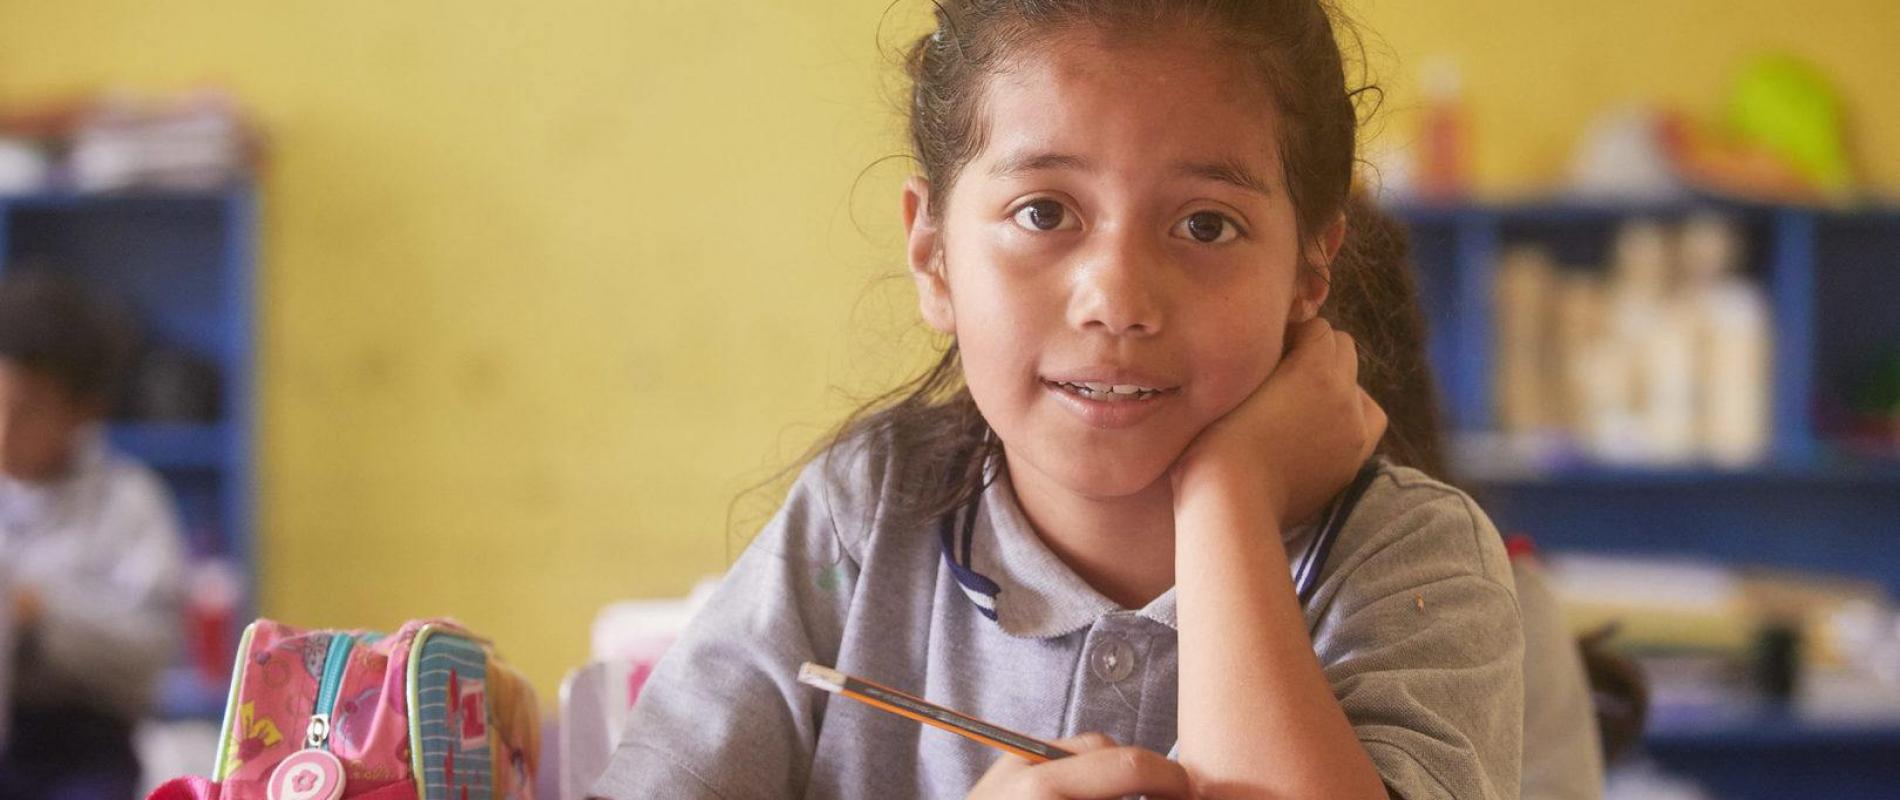 Guatemala Guatemala city Rayo de Luz Verbena AMG school voor basis en middelbaar onderwijs 20-3-2018 foto Jaco Klamer